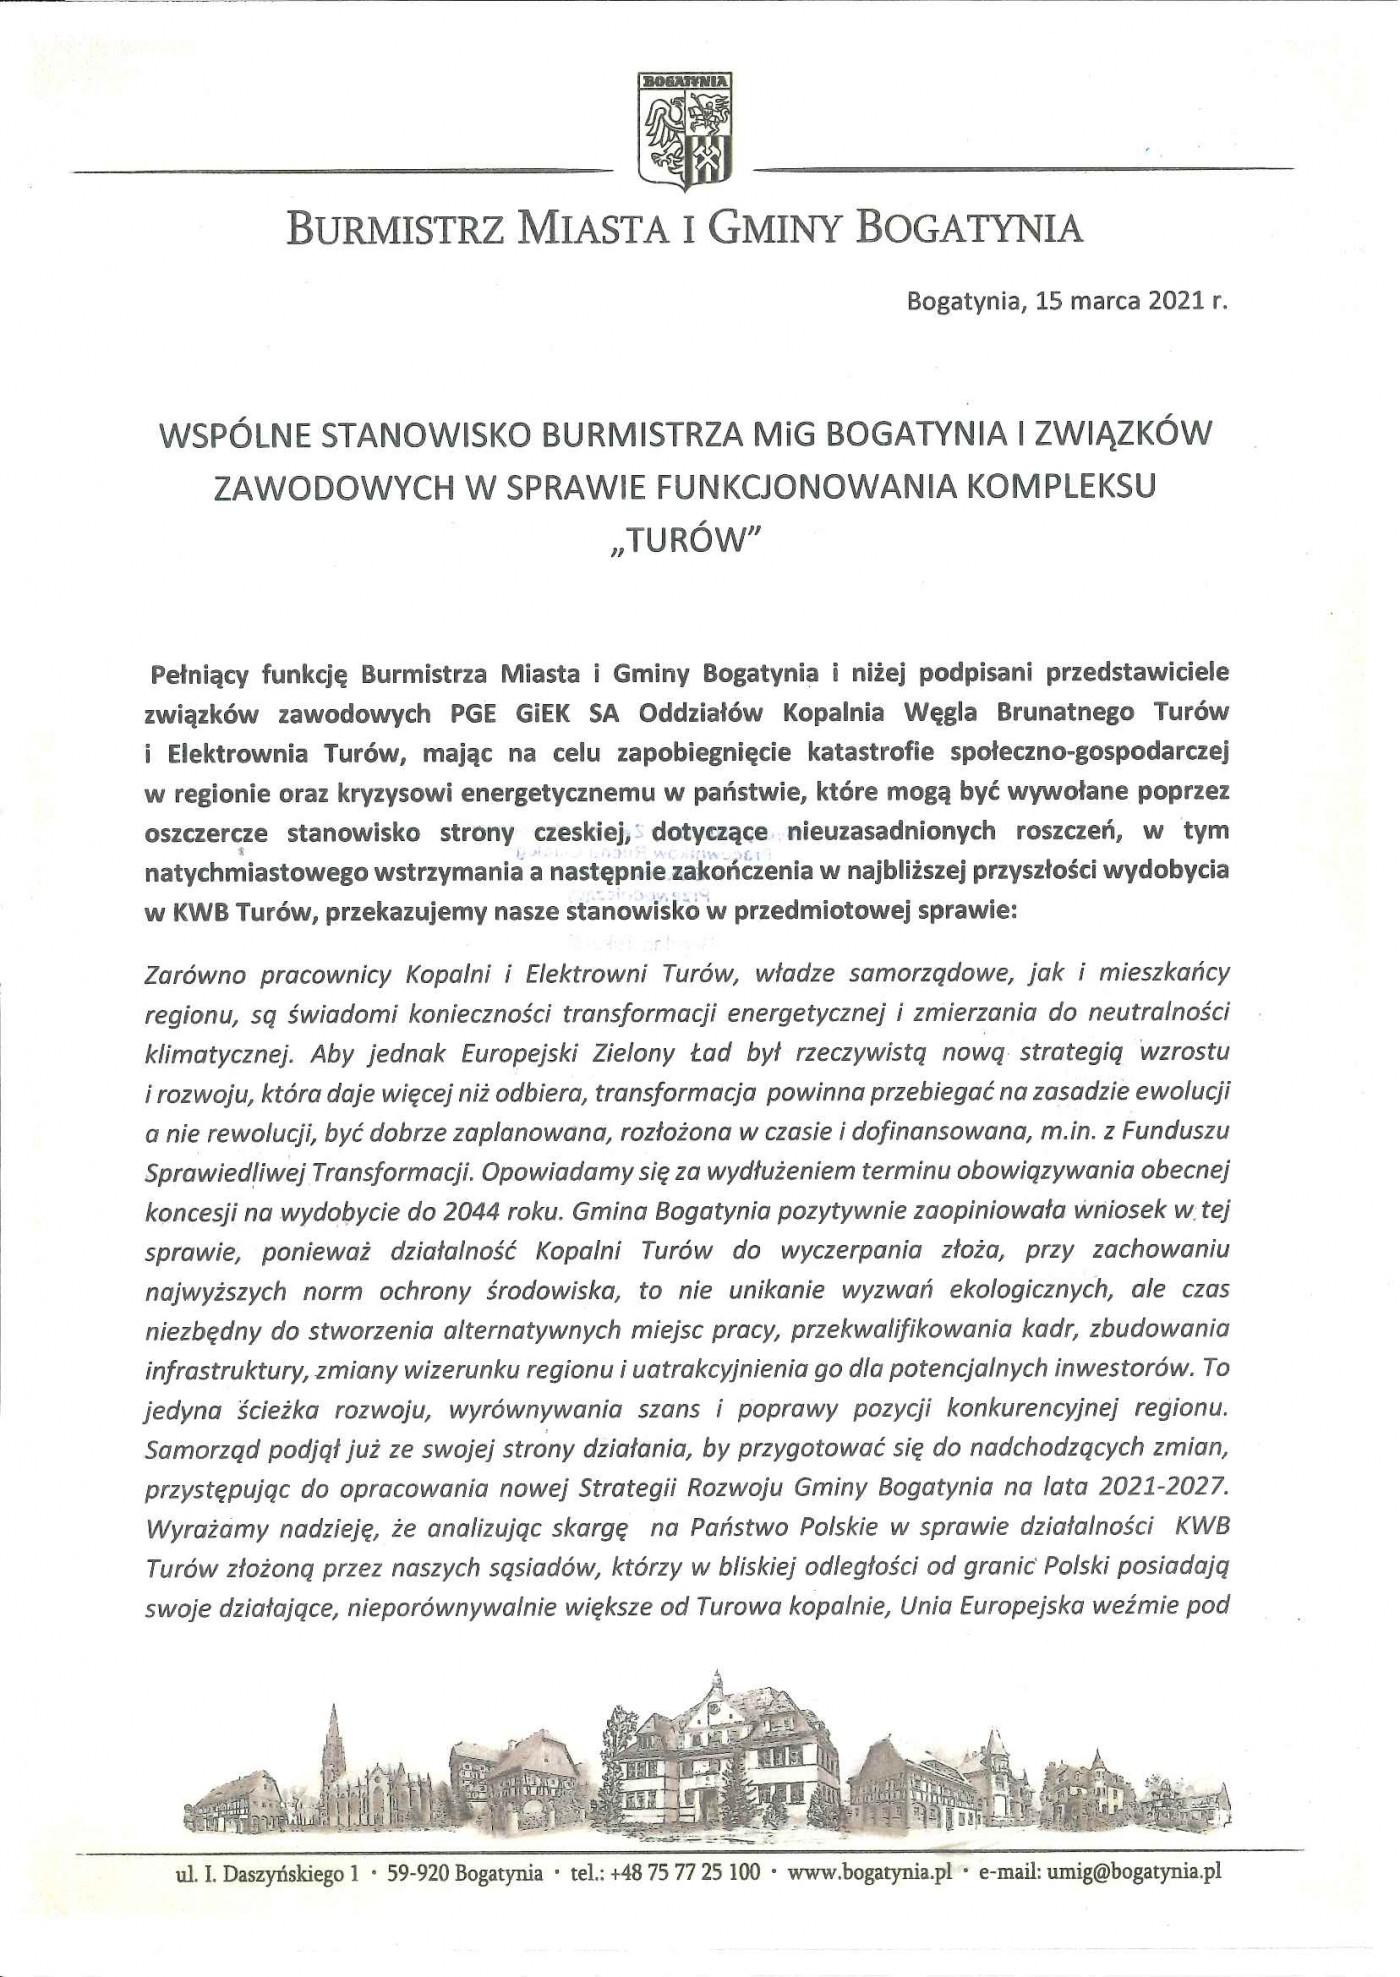 wspolne-stanowisko-burmistrza-mig-bogatynia-i-zwiazkow-zawodowych-w-sprawie-funkcjonowania-kompleksu-turow_strona_1.jpg